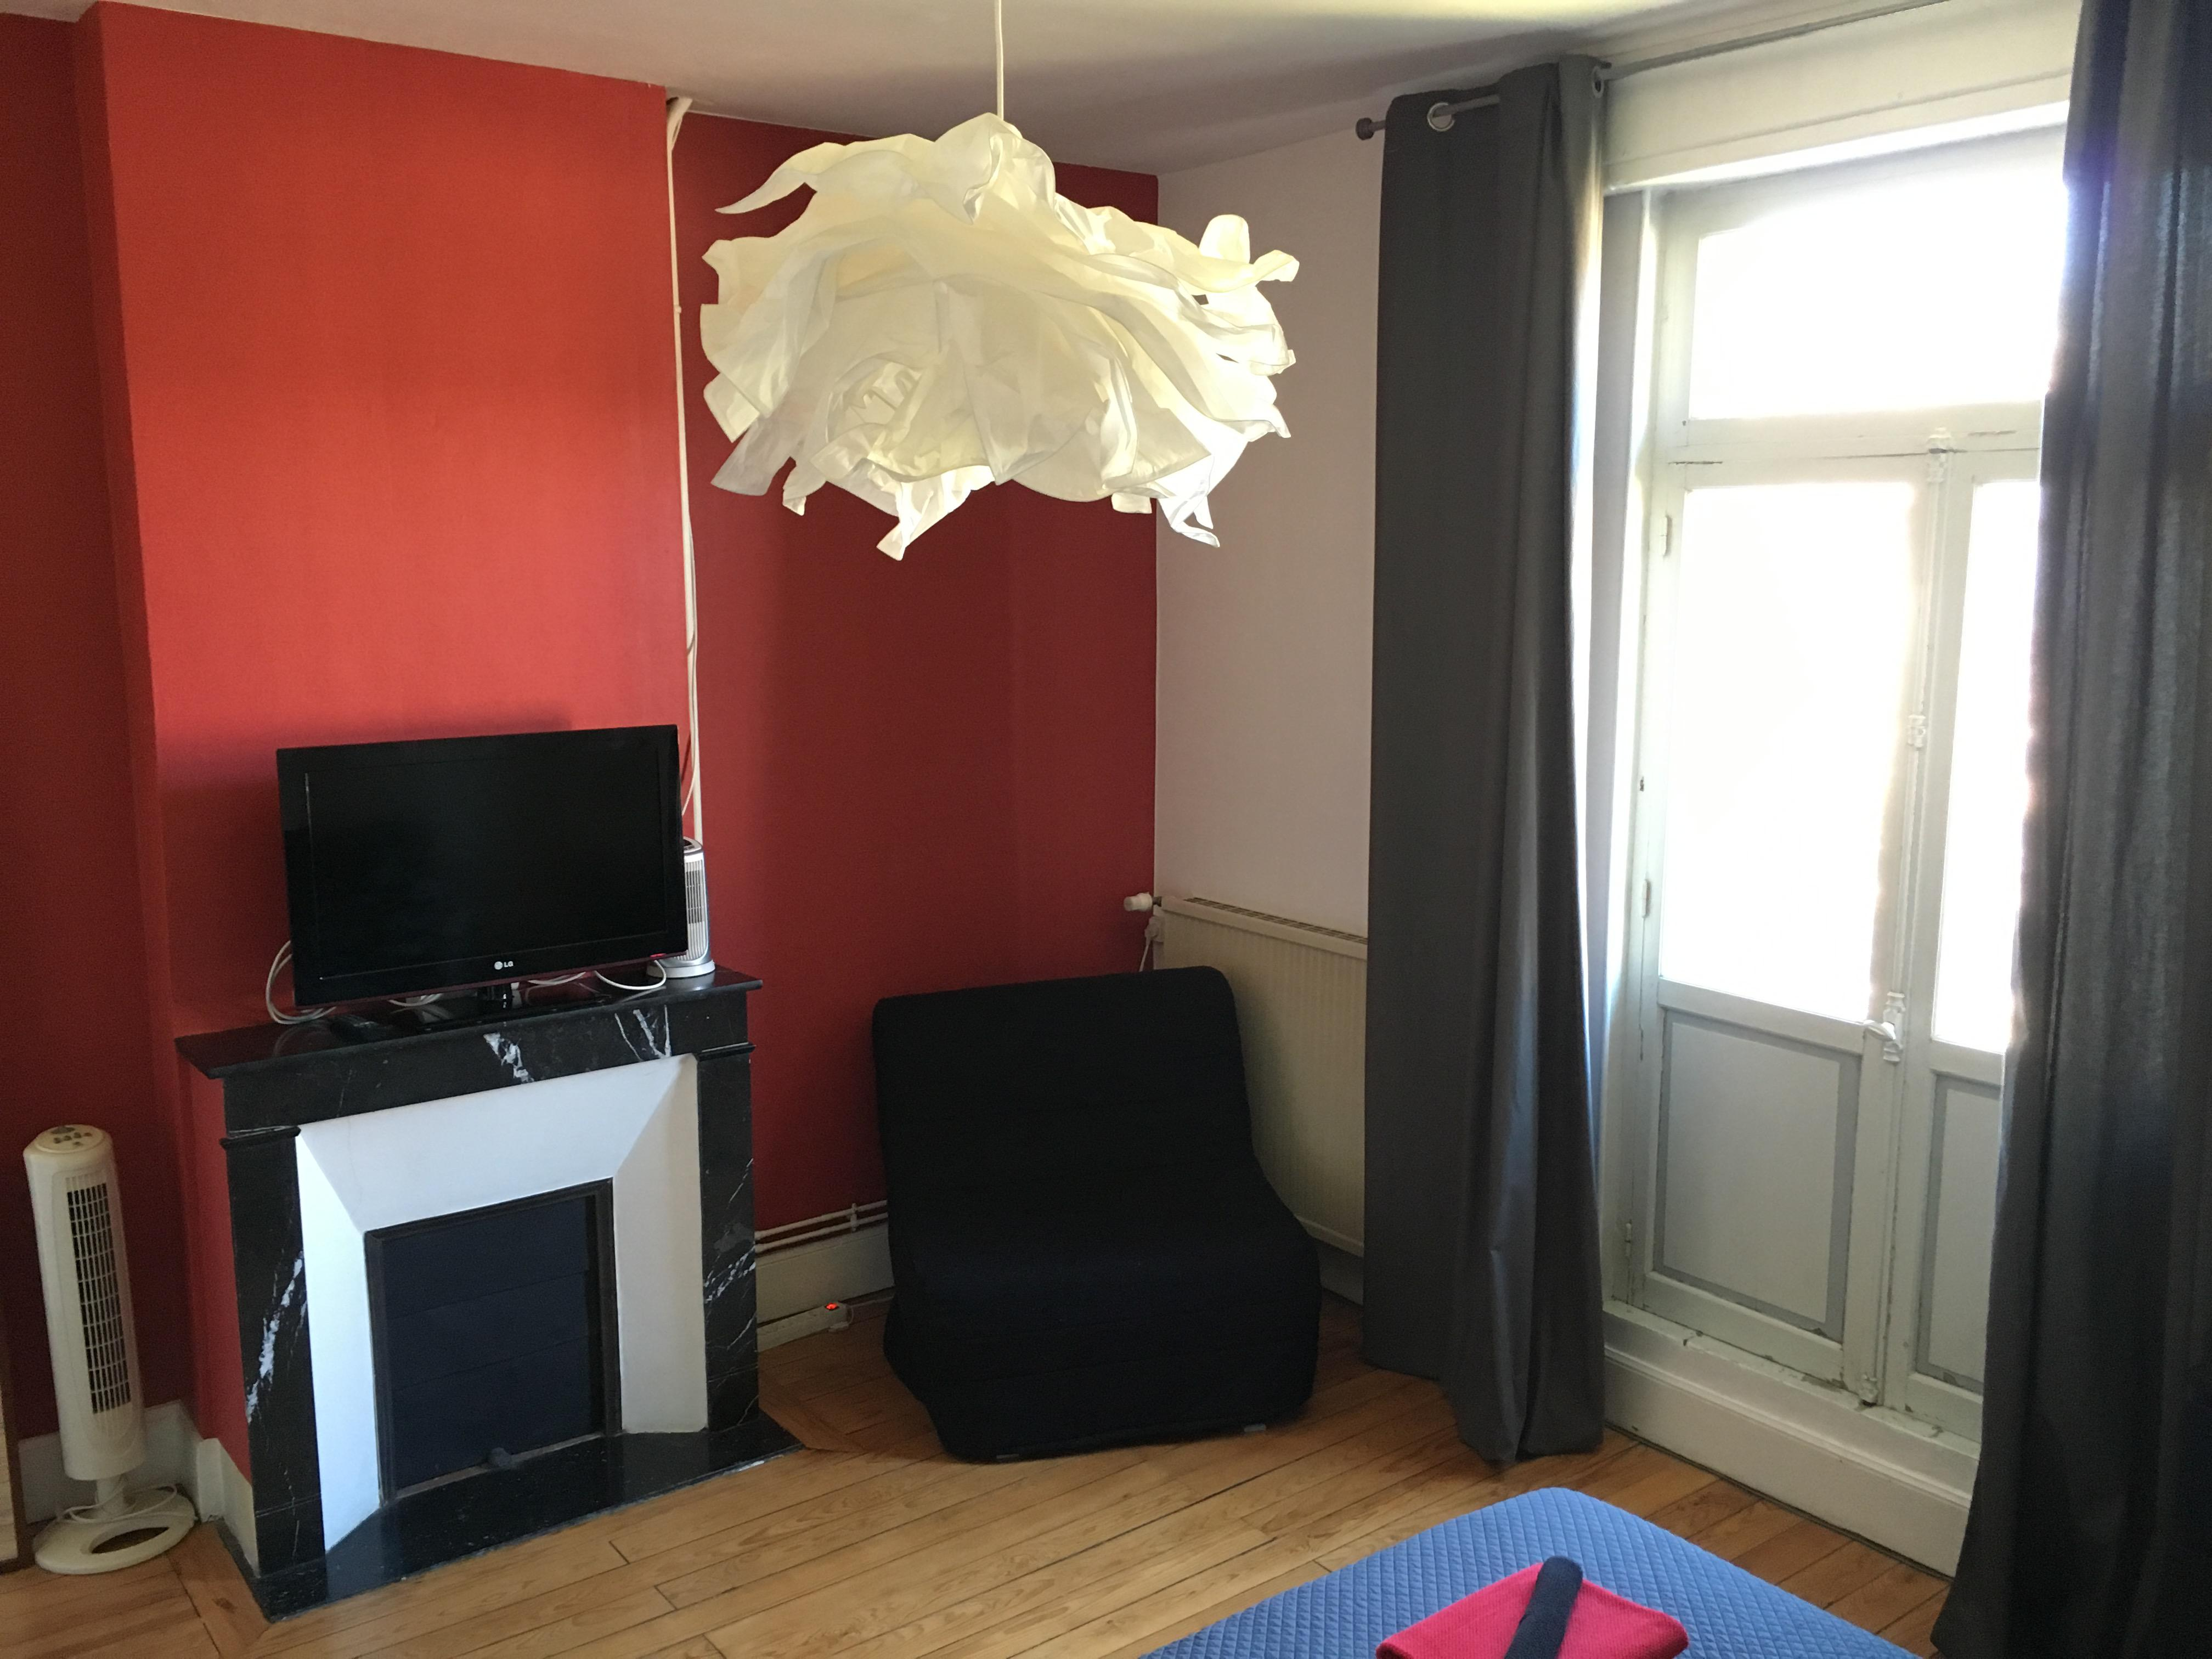 Chambre rouge-Double ou Twin-Confort-Douche-Vue sur Jardin - Tarif de base